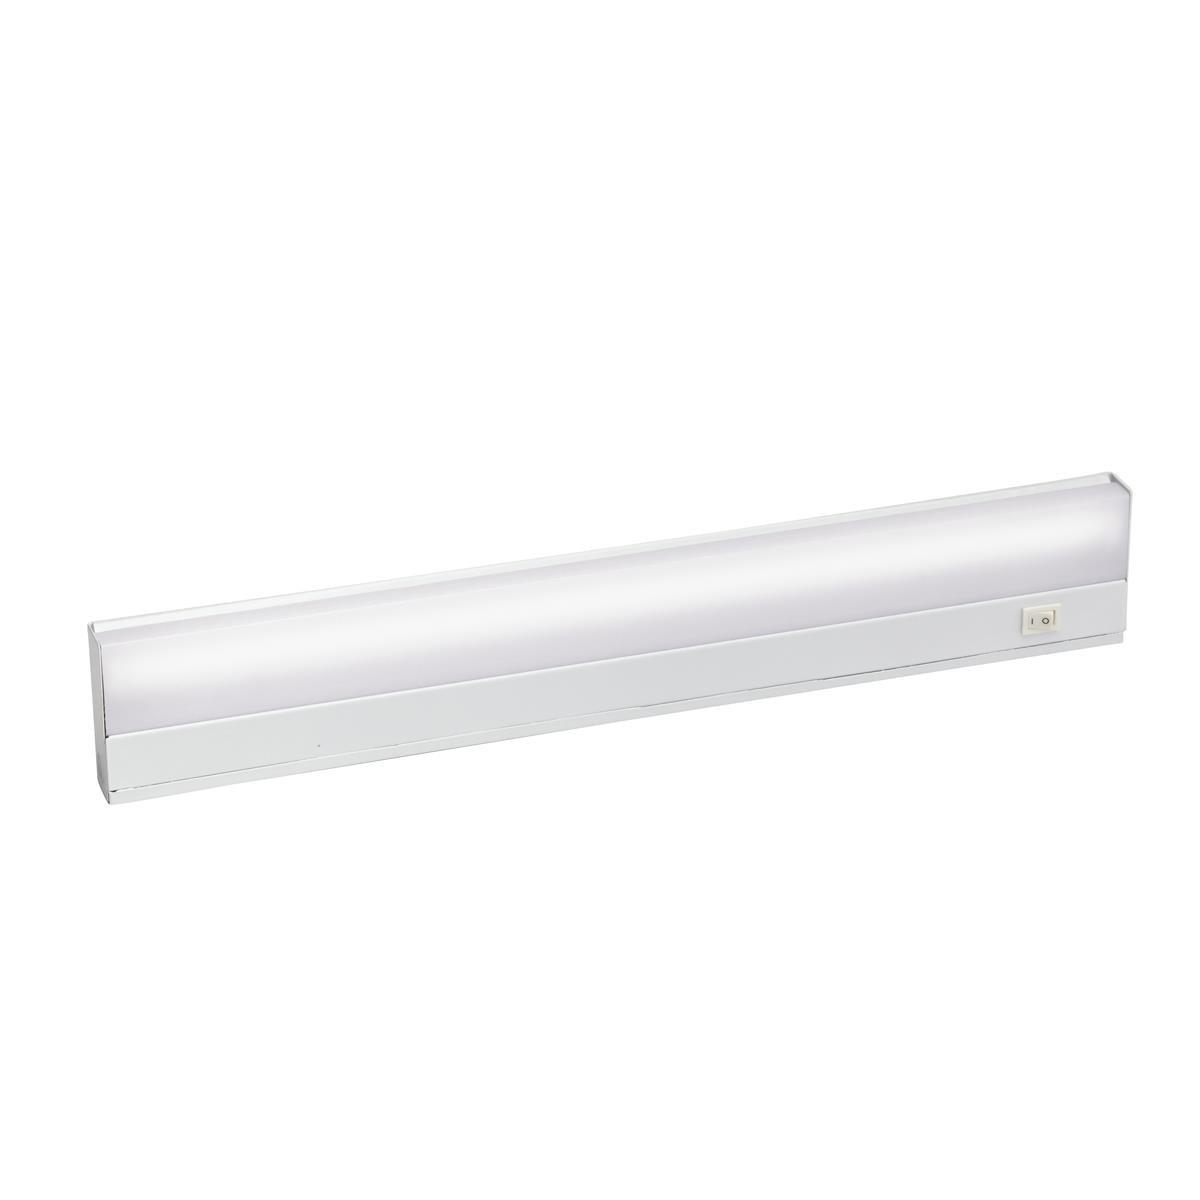 Kichler 10042WH 1-Light Task Work Direct Wire Undercabinet Light Fixture 13 Watt 120 Volt 2700K White